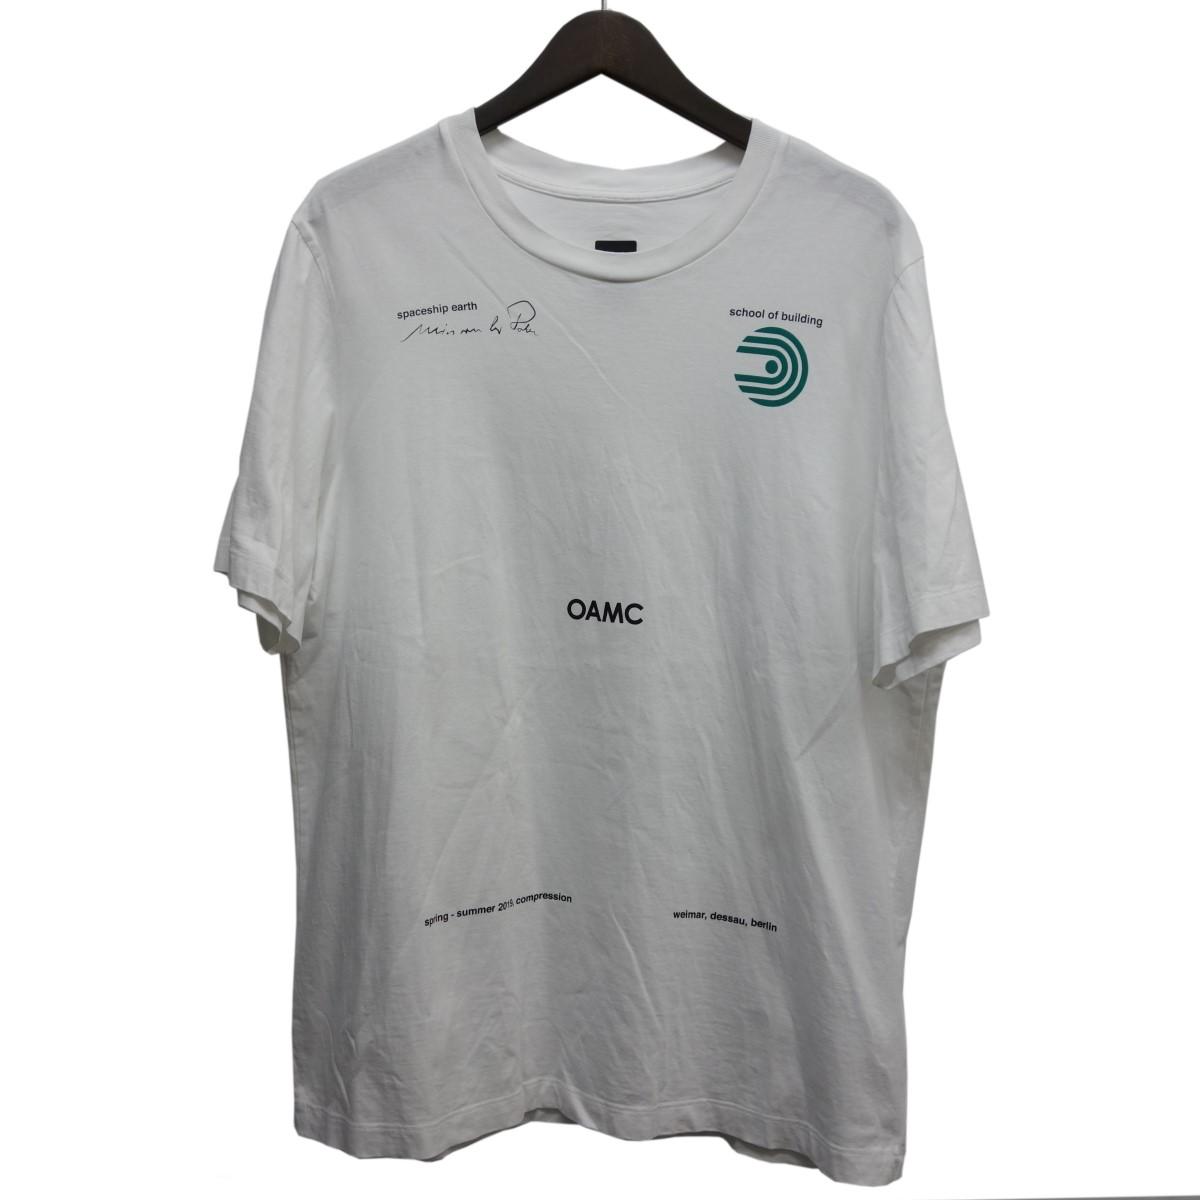 【中古】OAMC 19SSプリントTシャツ ホワイト サイズ:M 【190420】(オーエーエムシー)